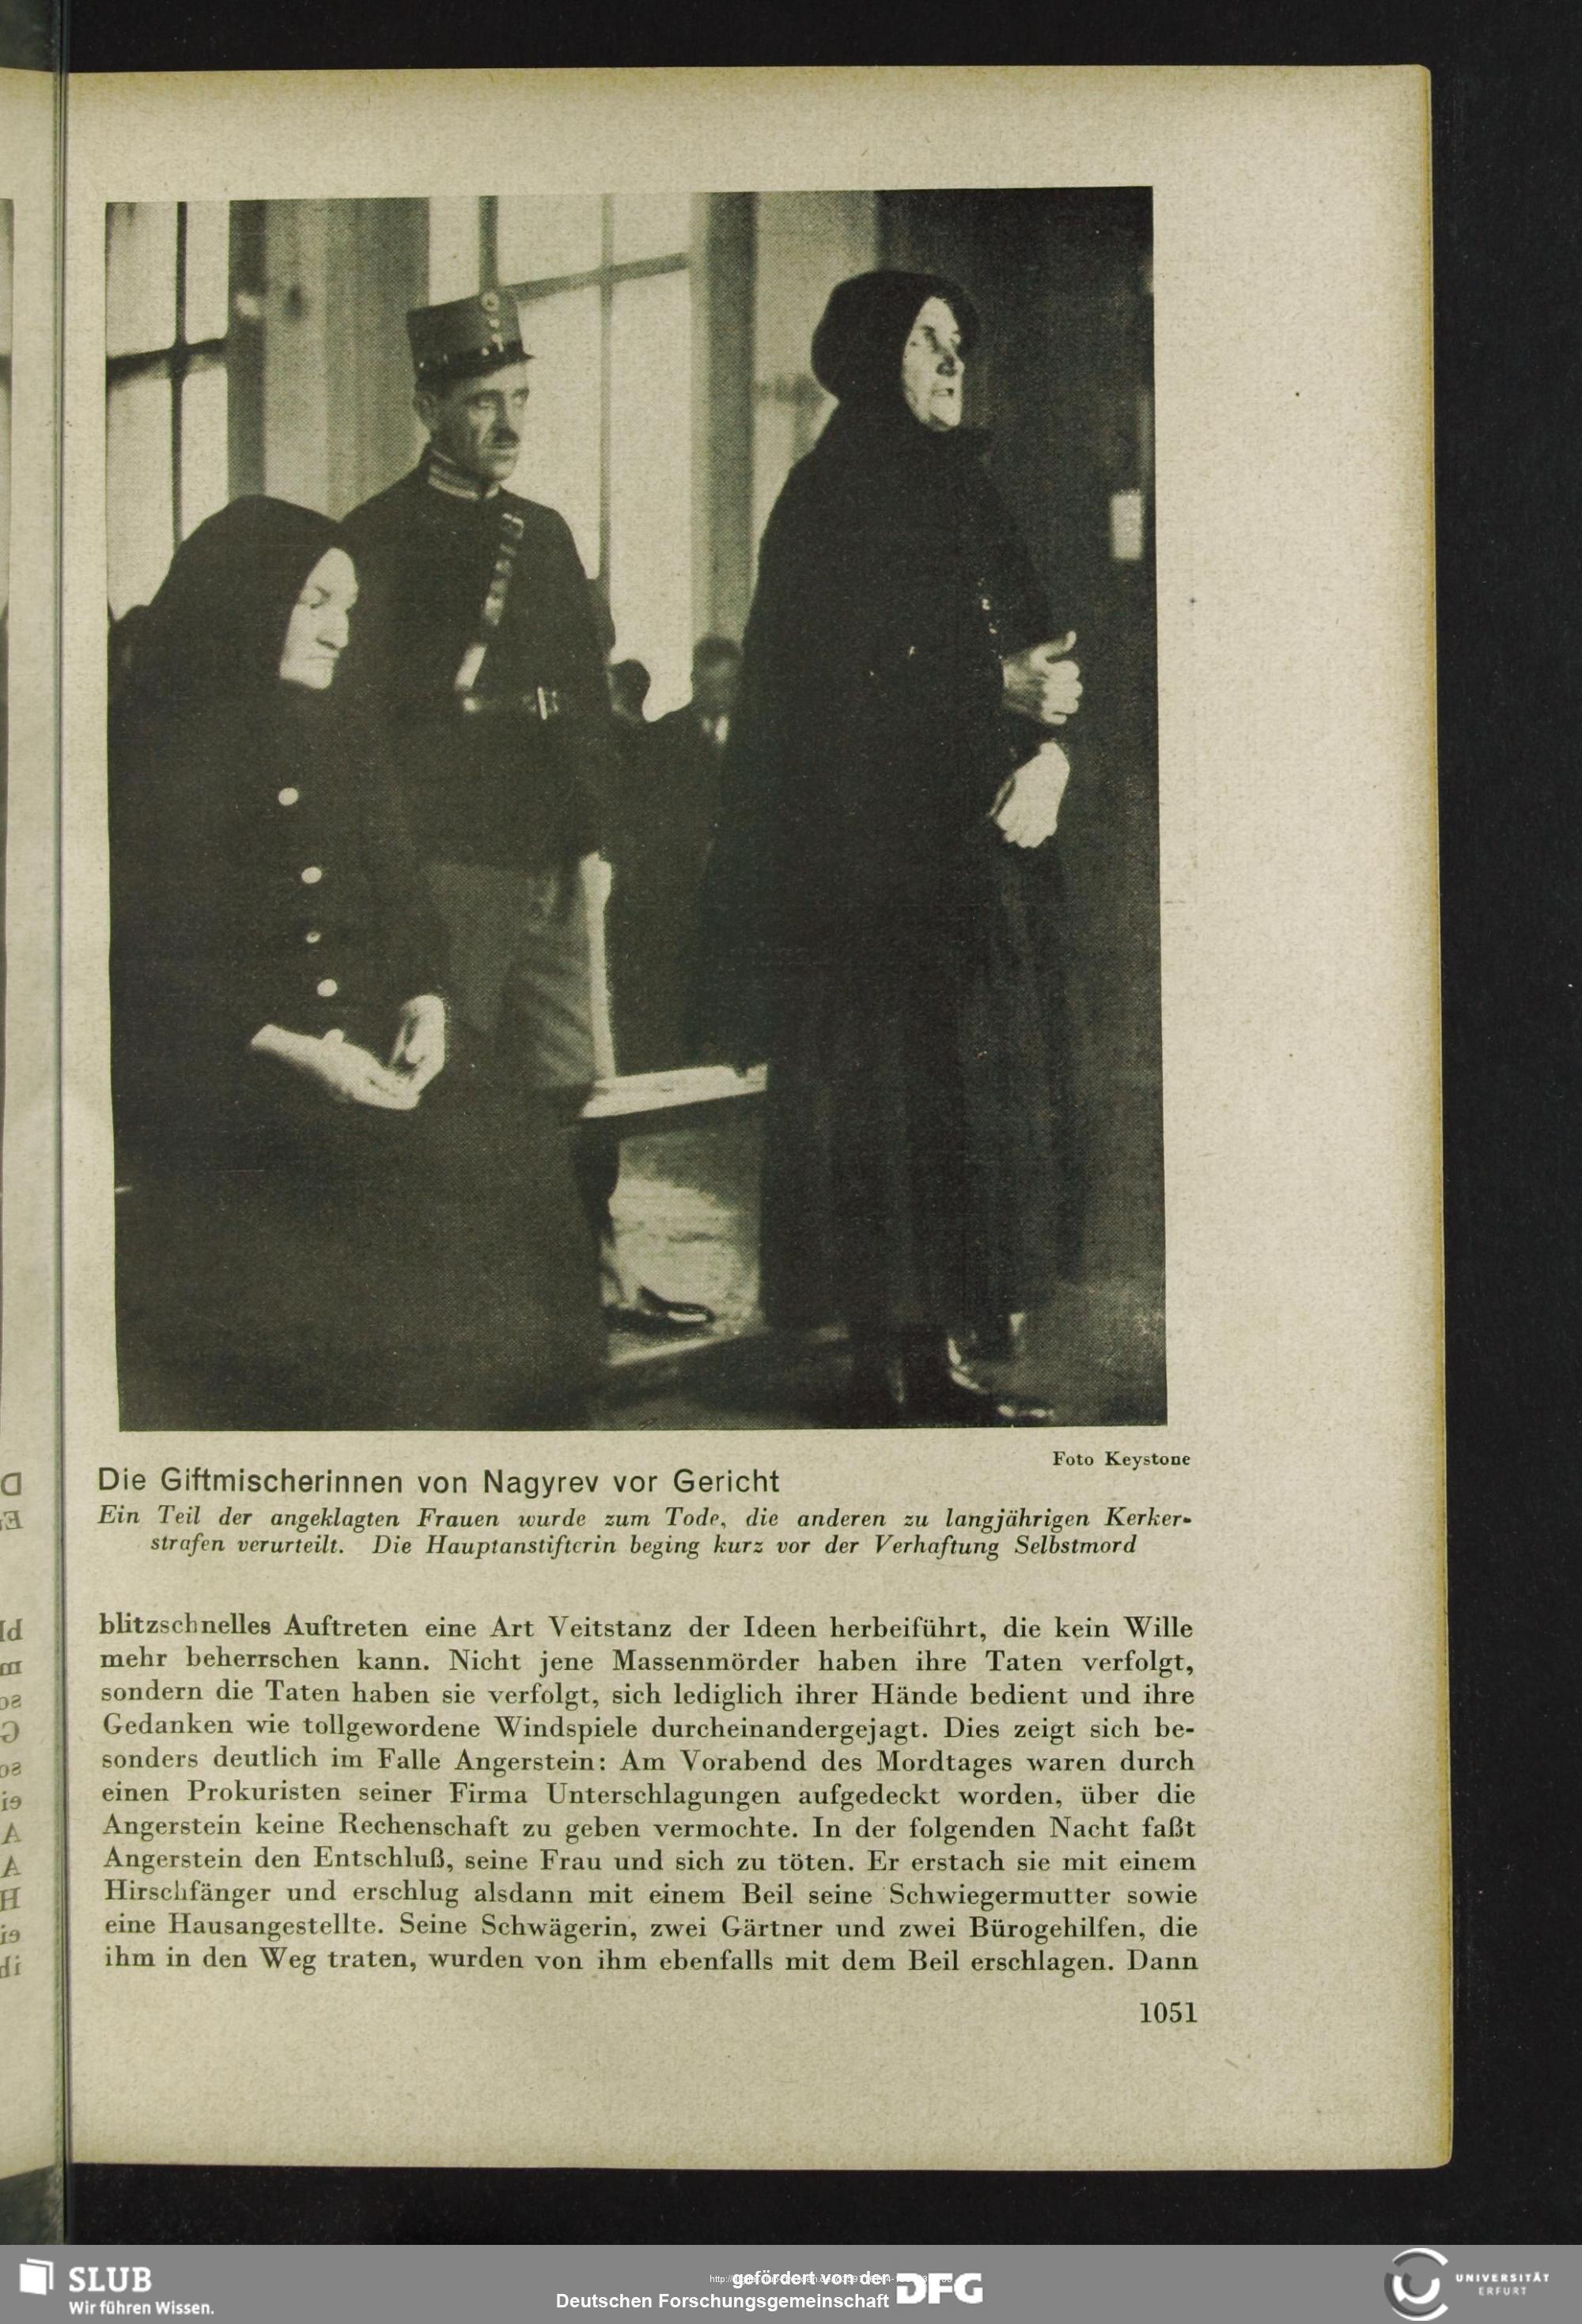 Reportagem de época sobre o julgamento das Criadoras de Anjos de Nagyrév. Foto: Forschungsgemeinschaft.